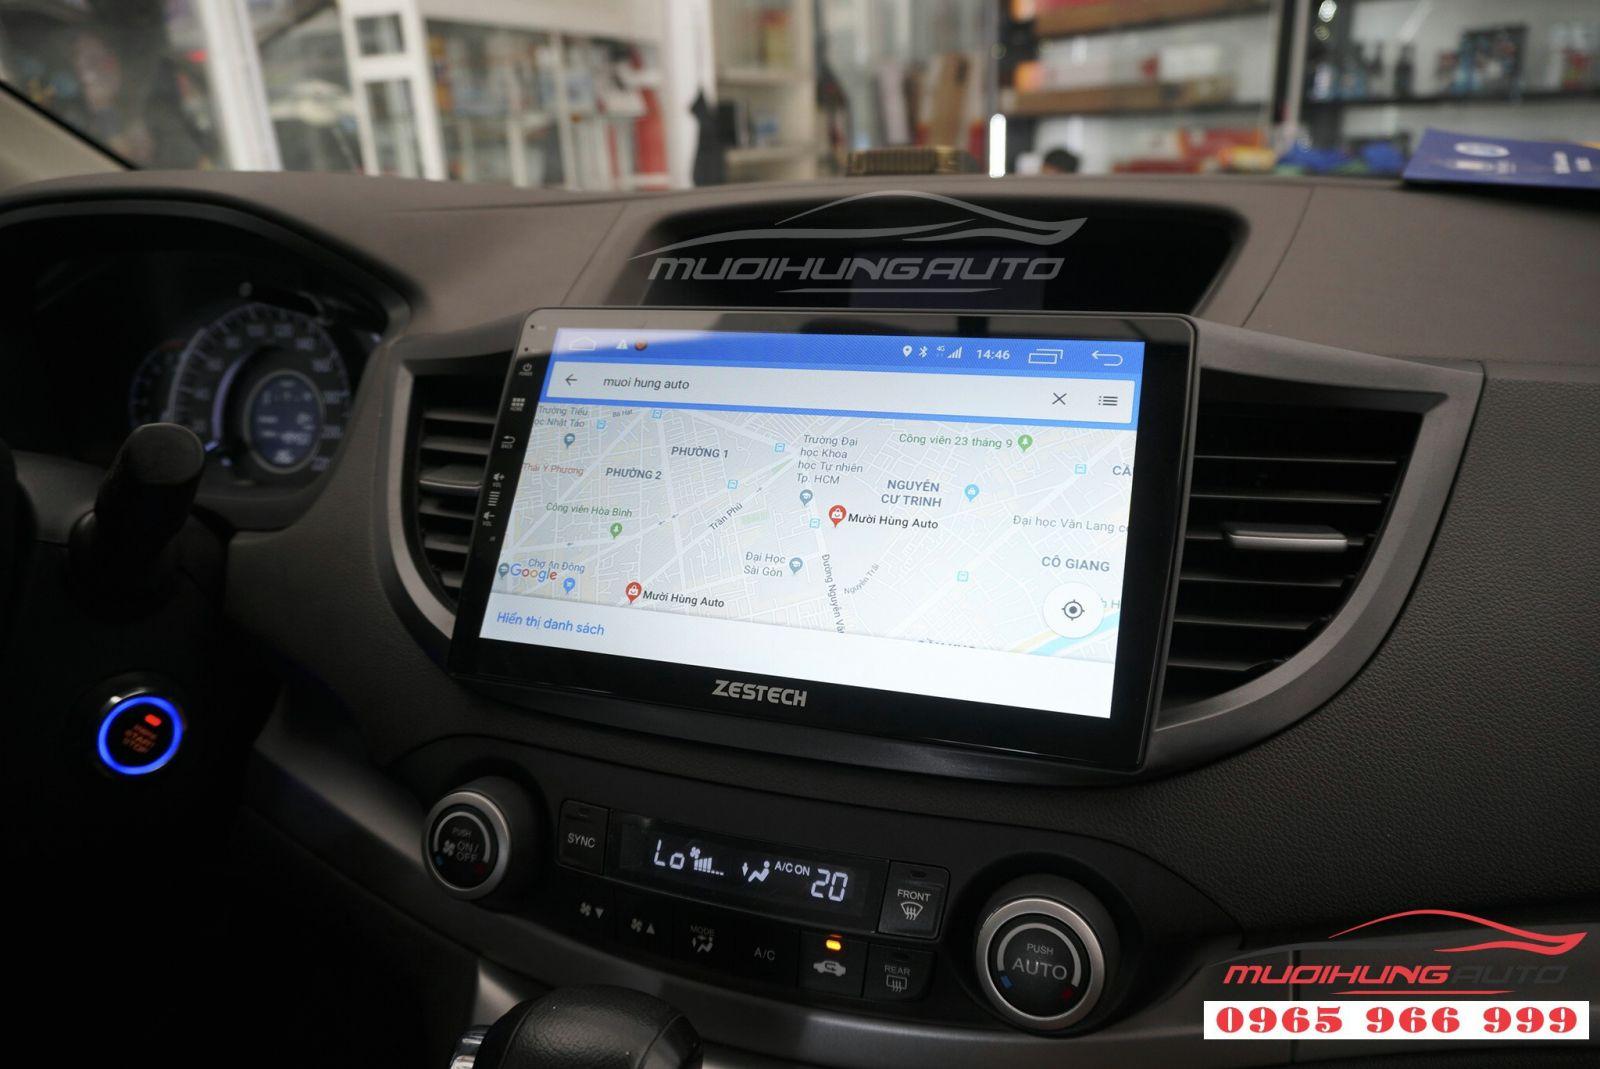 Lắp màn hình DVD Zestech Z500 cho Honda CRV 2012 02